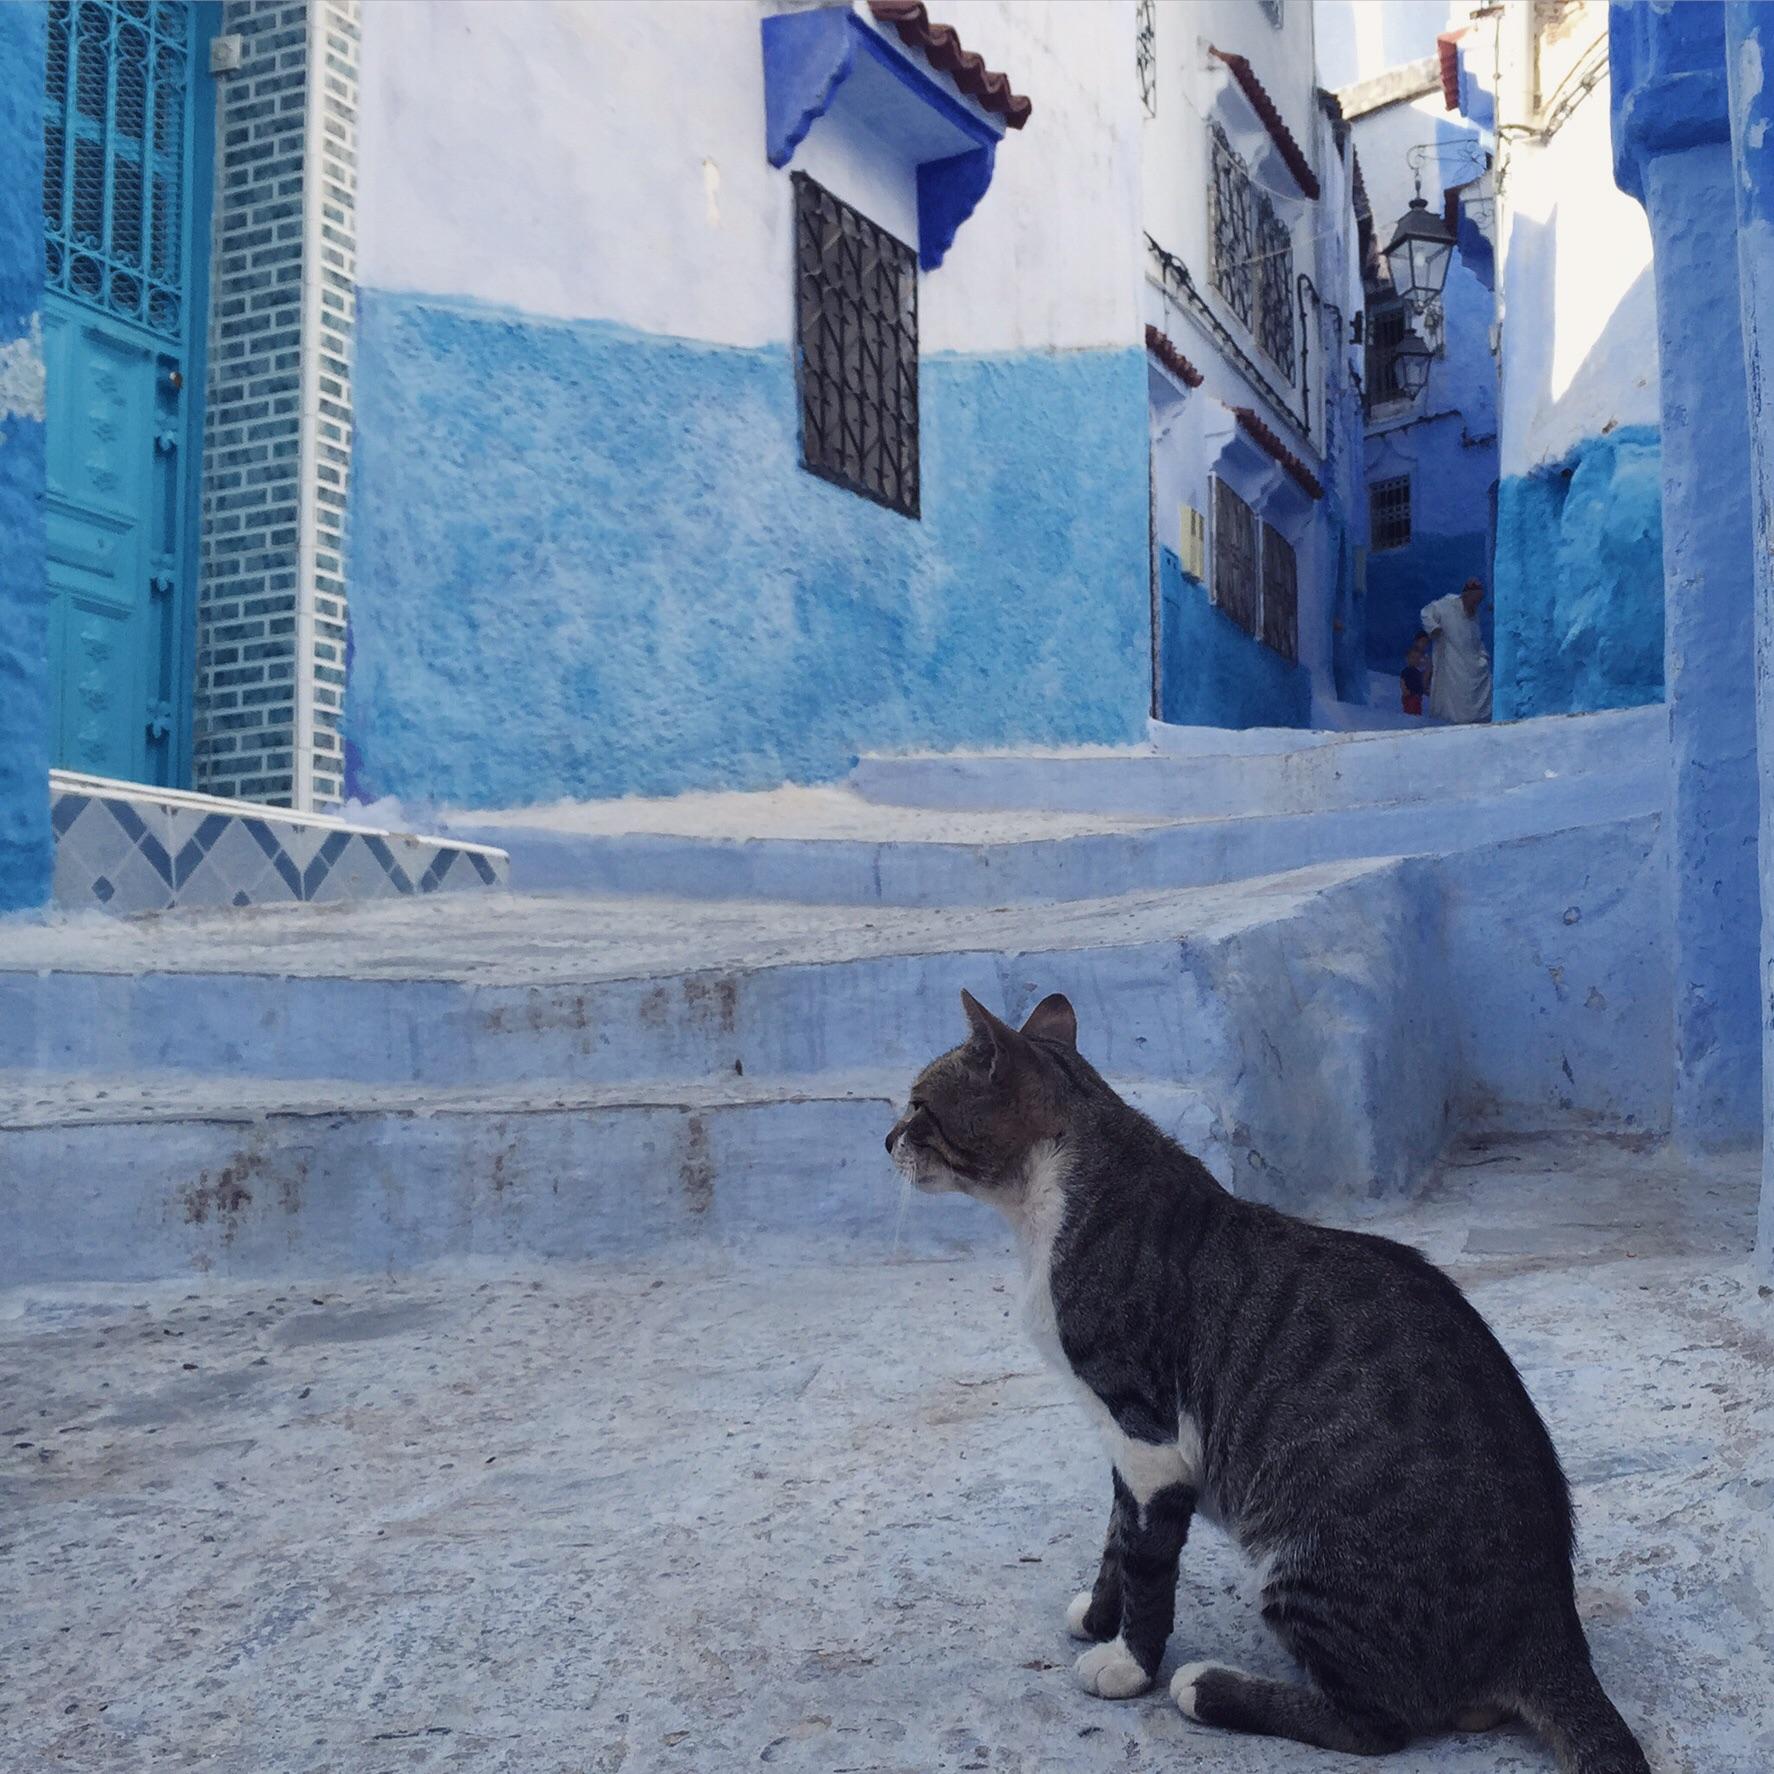 A cat in Chefchaouen's blue medina.